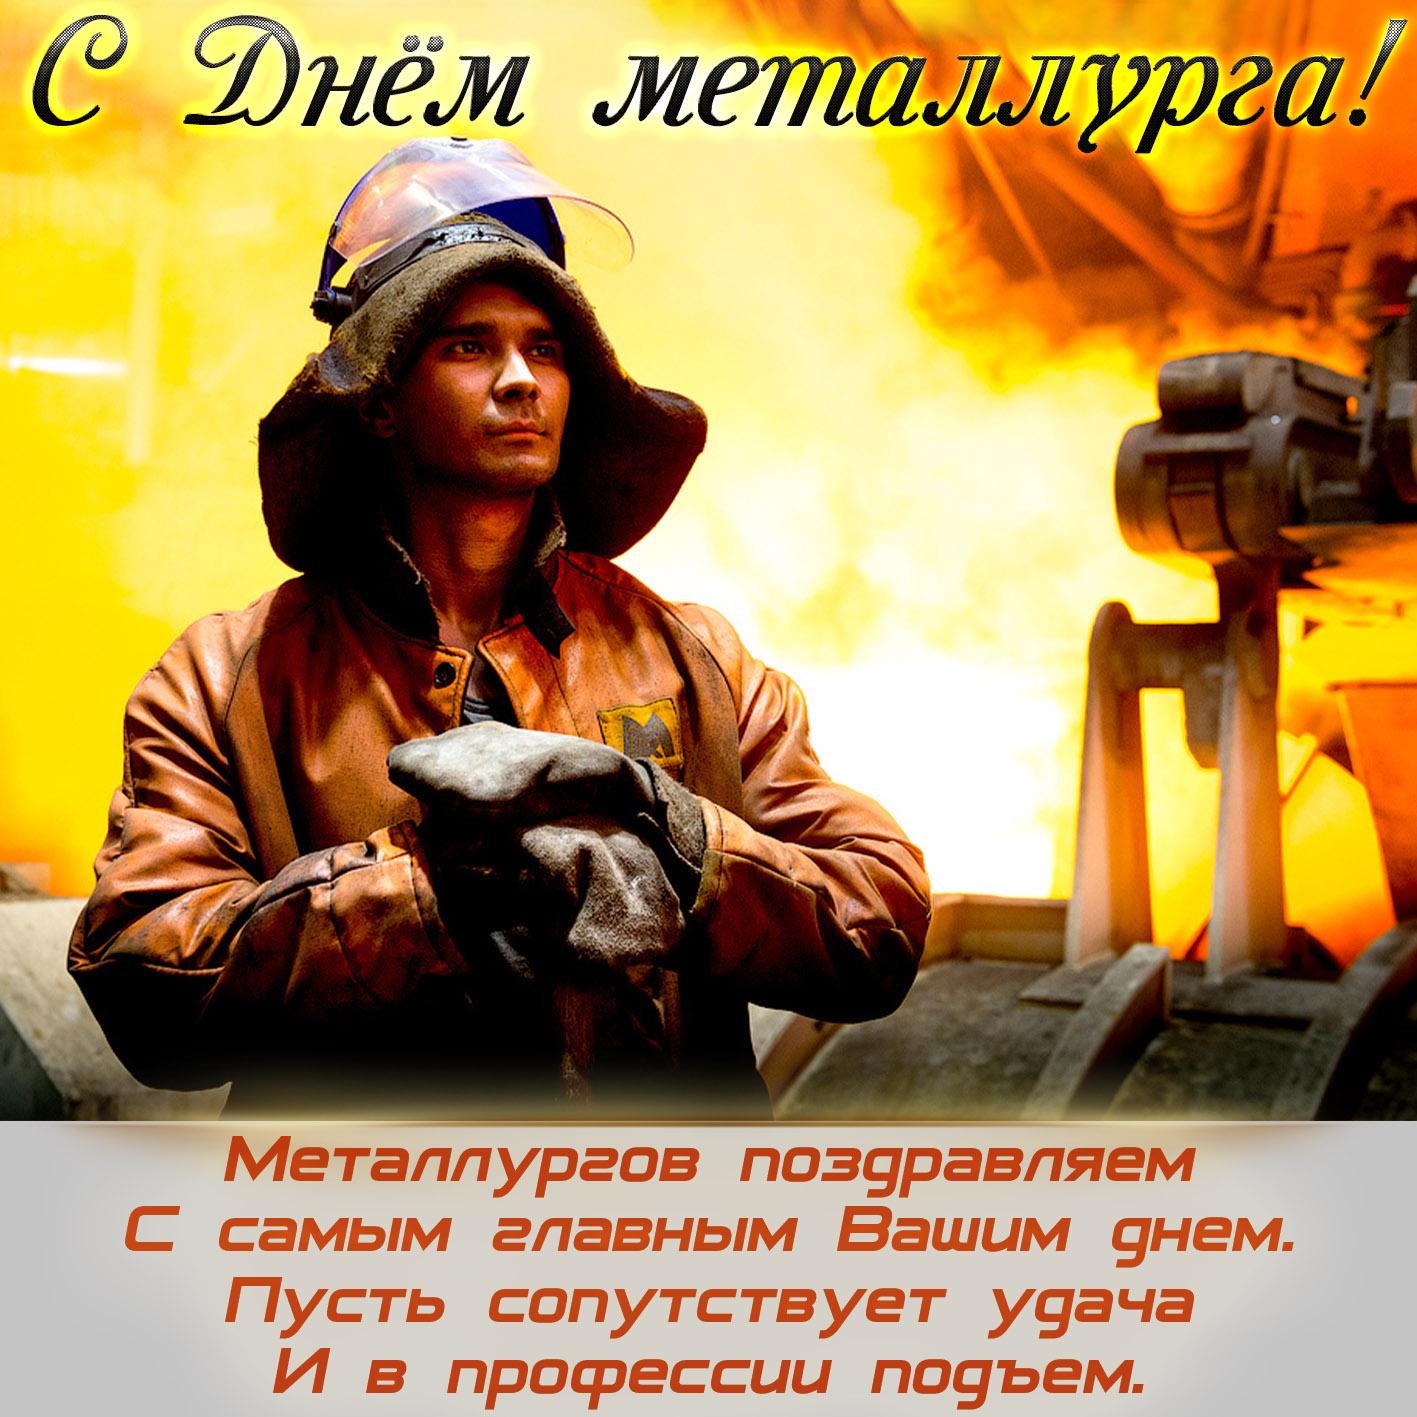 возможных вариантов поздравления с днем металлурга официальные началу средних